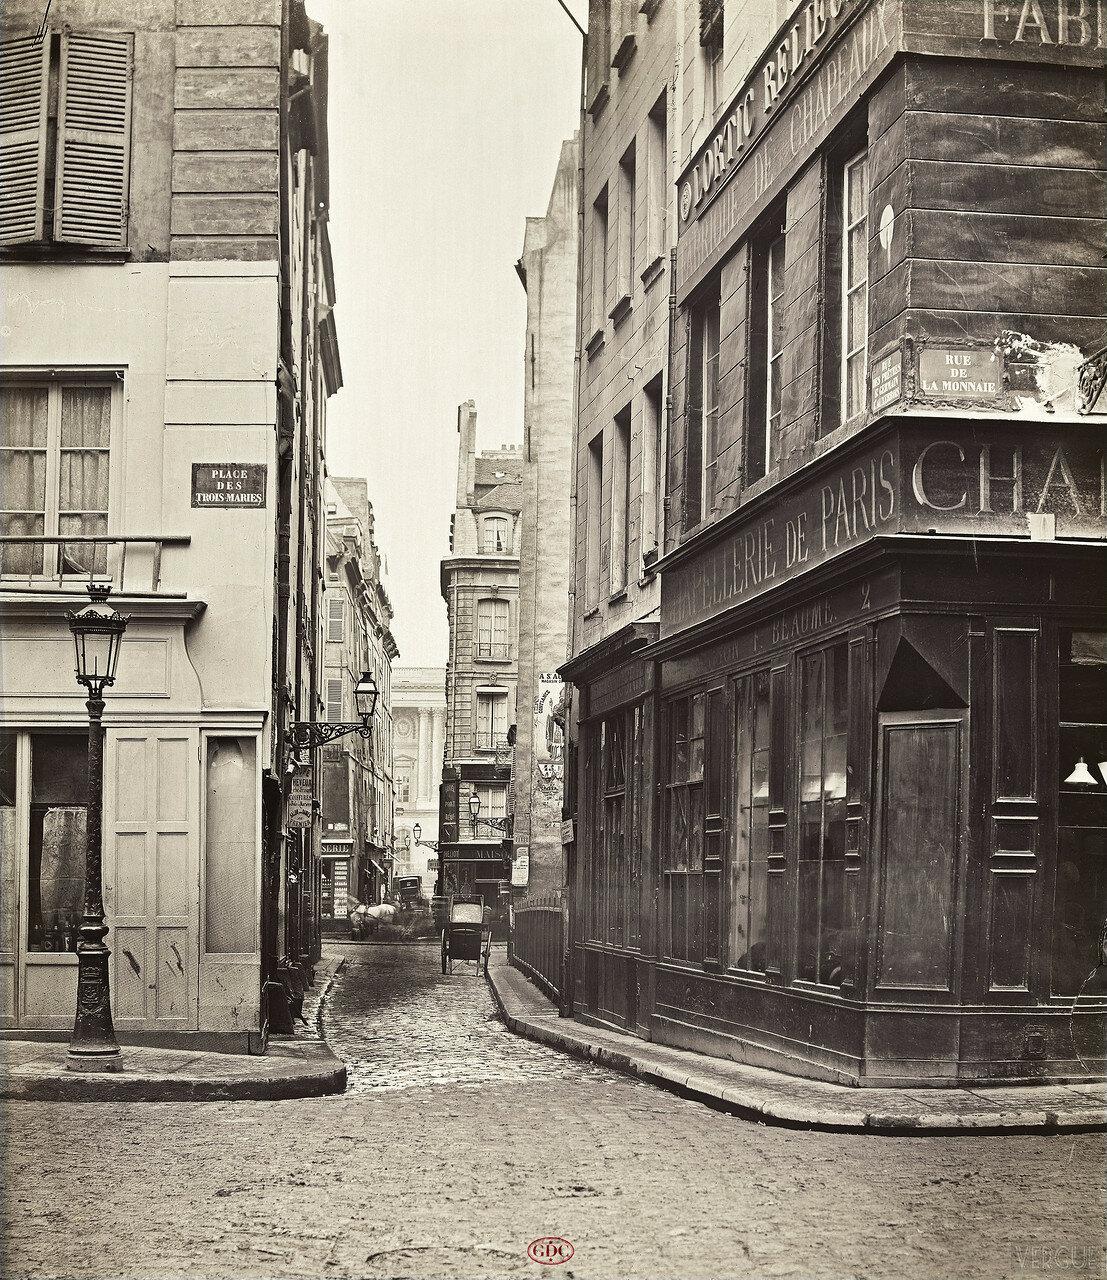 Рю дэ прэтр-сан-жерман-лёсеруа́. 1866